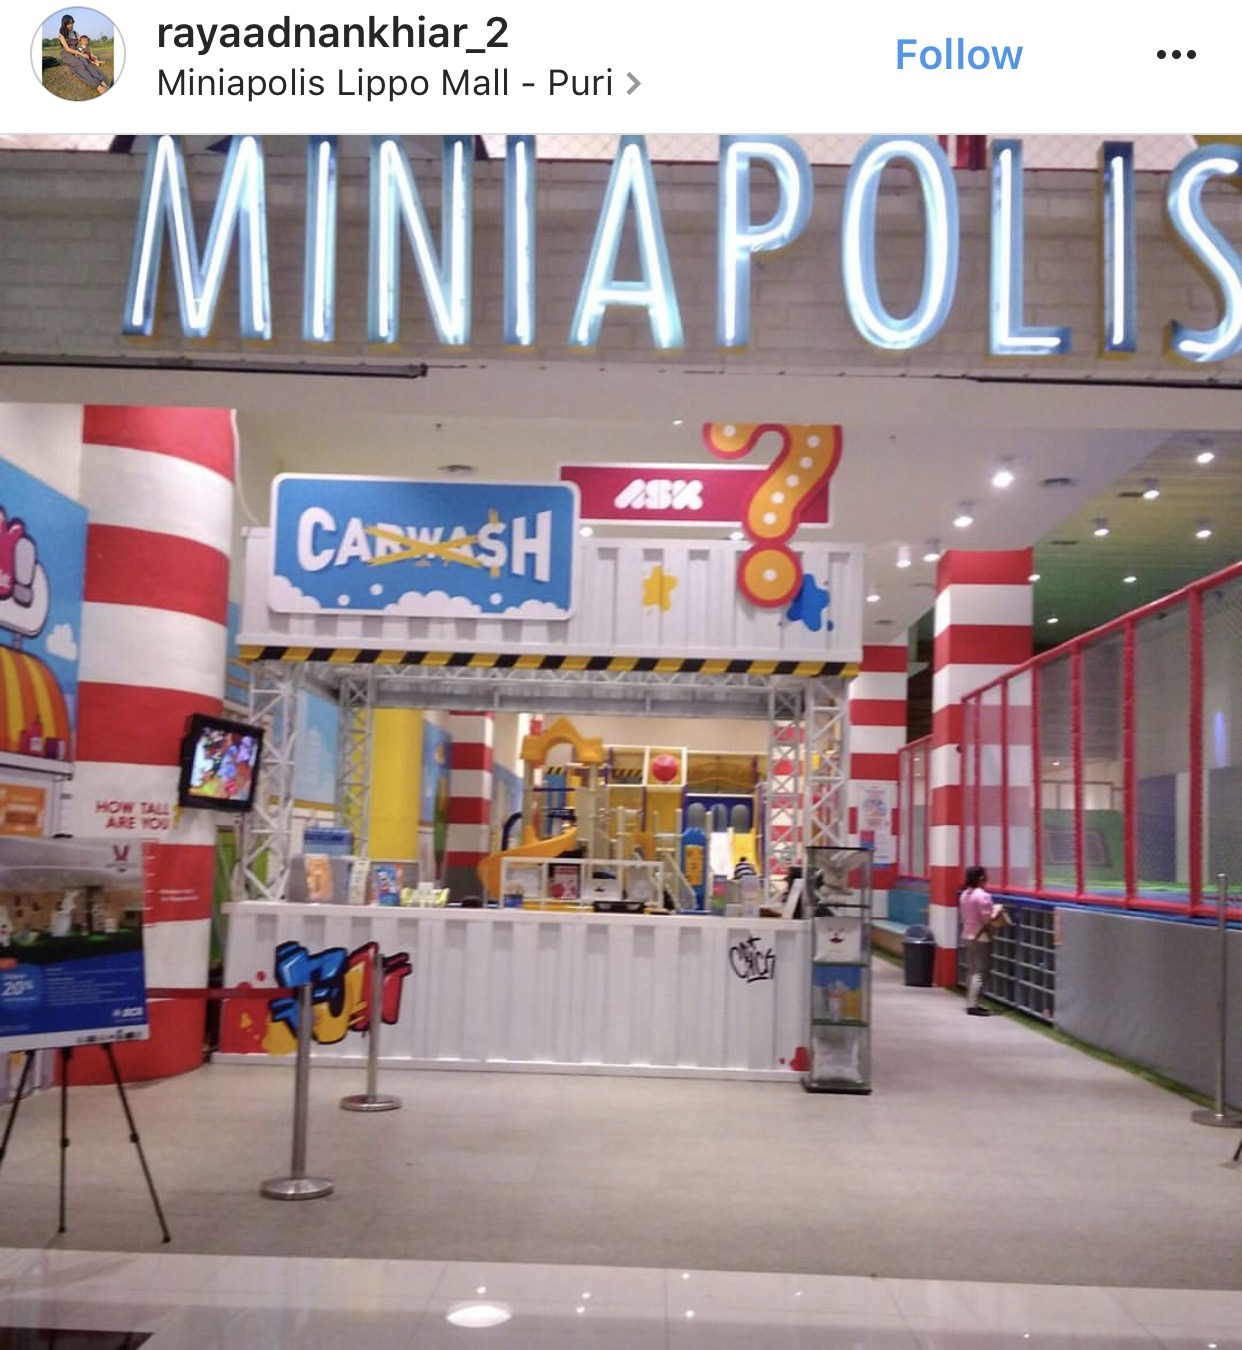 Miniapolis Lippo Mall Puri